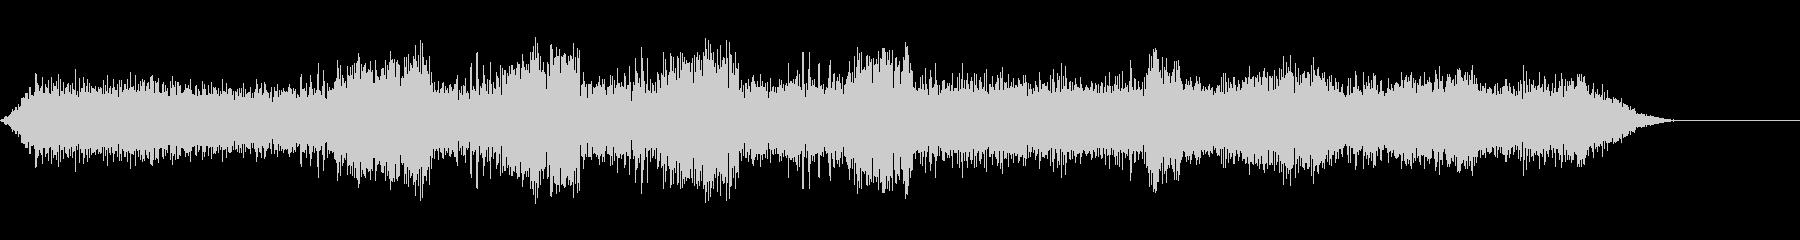 セミクリケット-昆虫-クロの未再生の波形